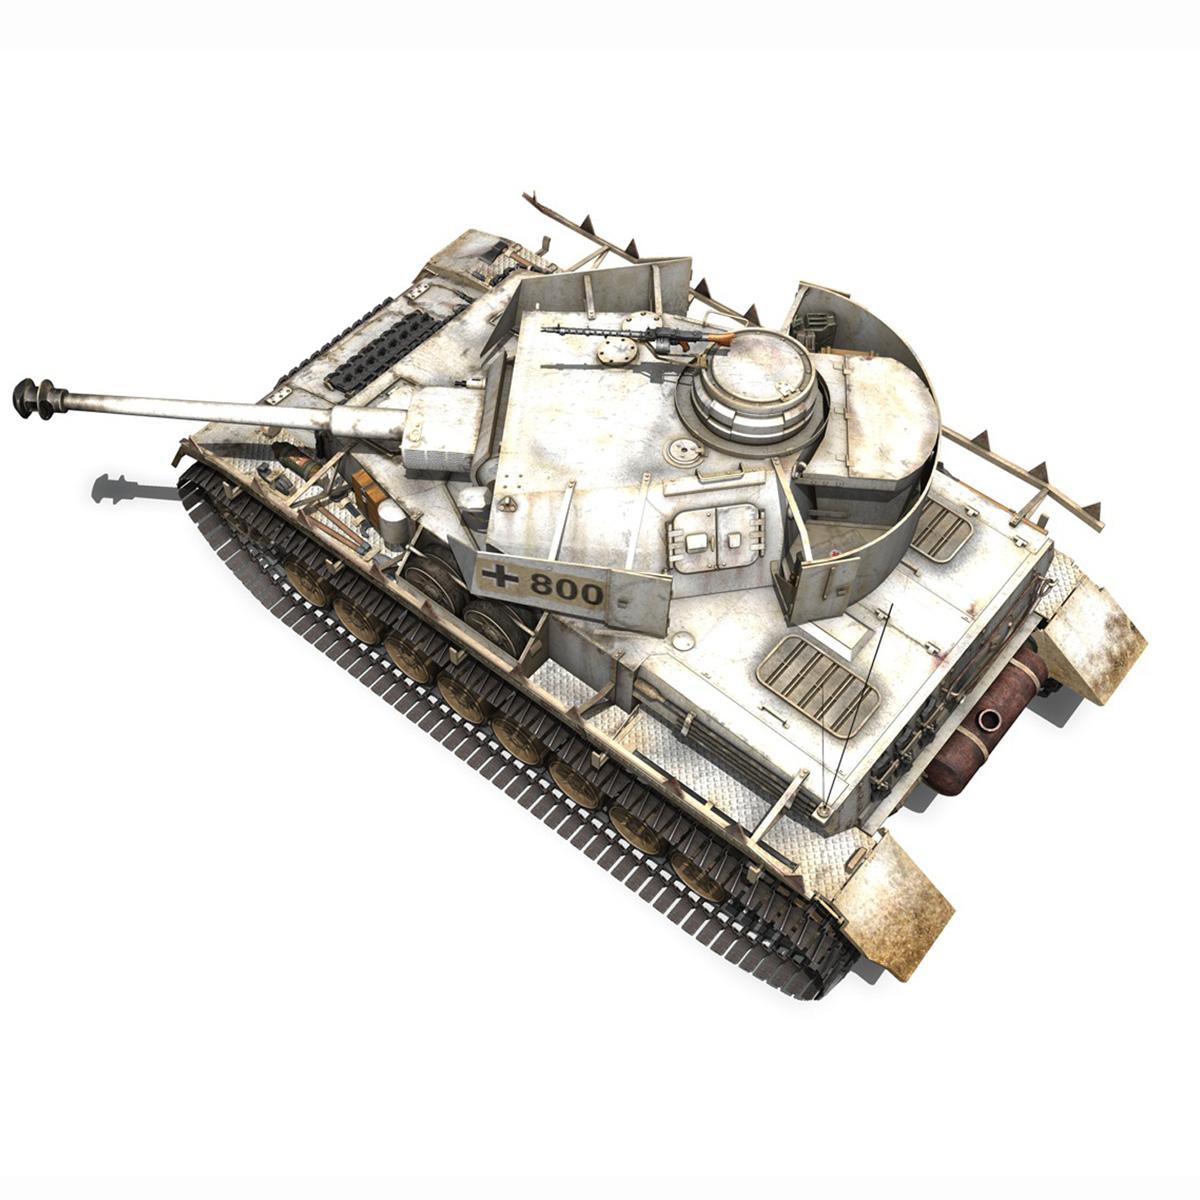 sd.kfz 161 – pzkpfw iv – panzer 4 – ausf.h winter 3d model 3ds fbx c4d lwo obj 191517